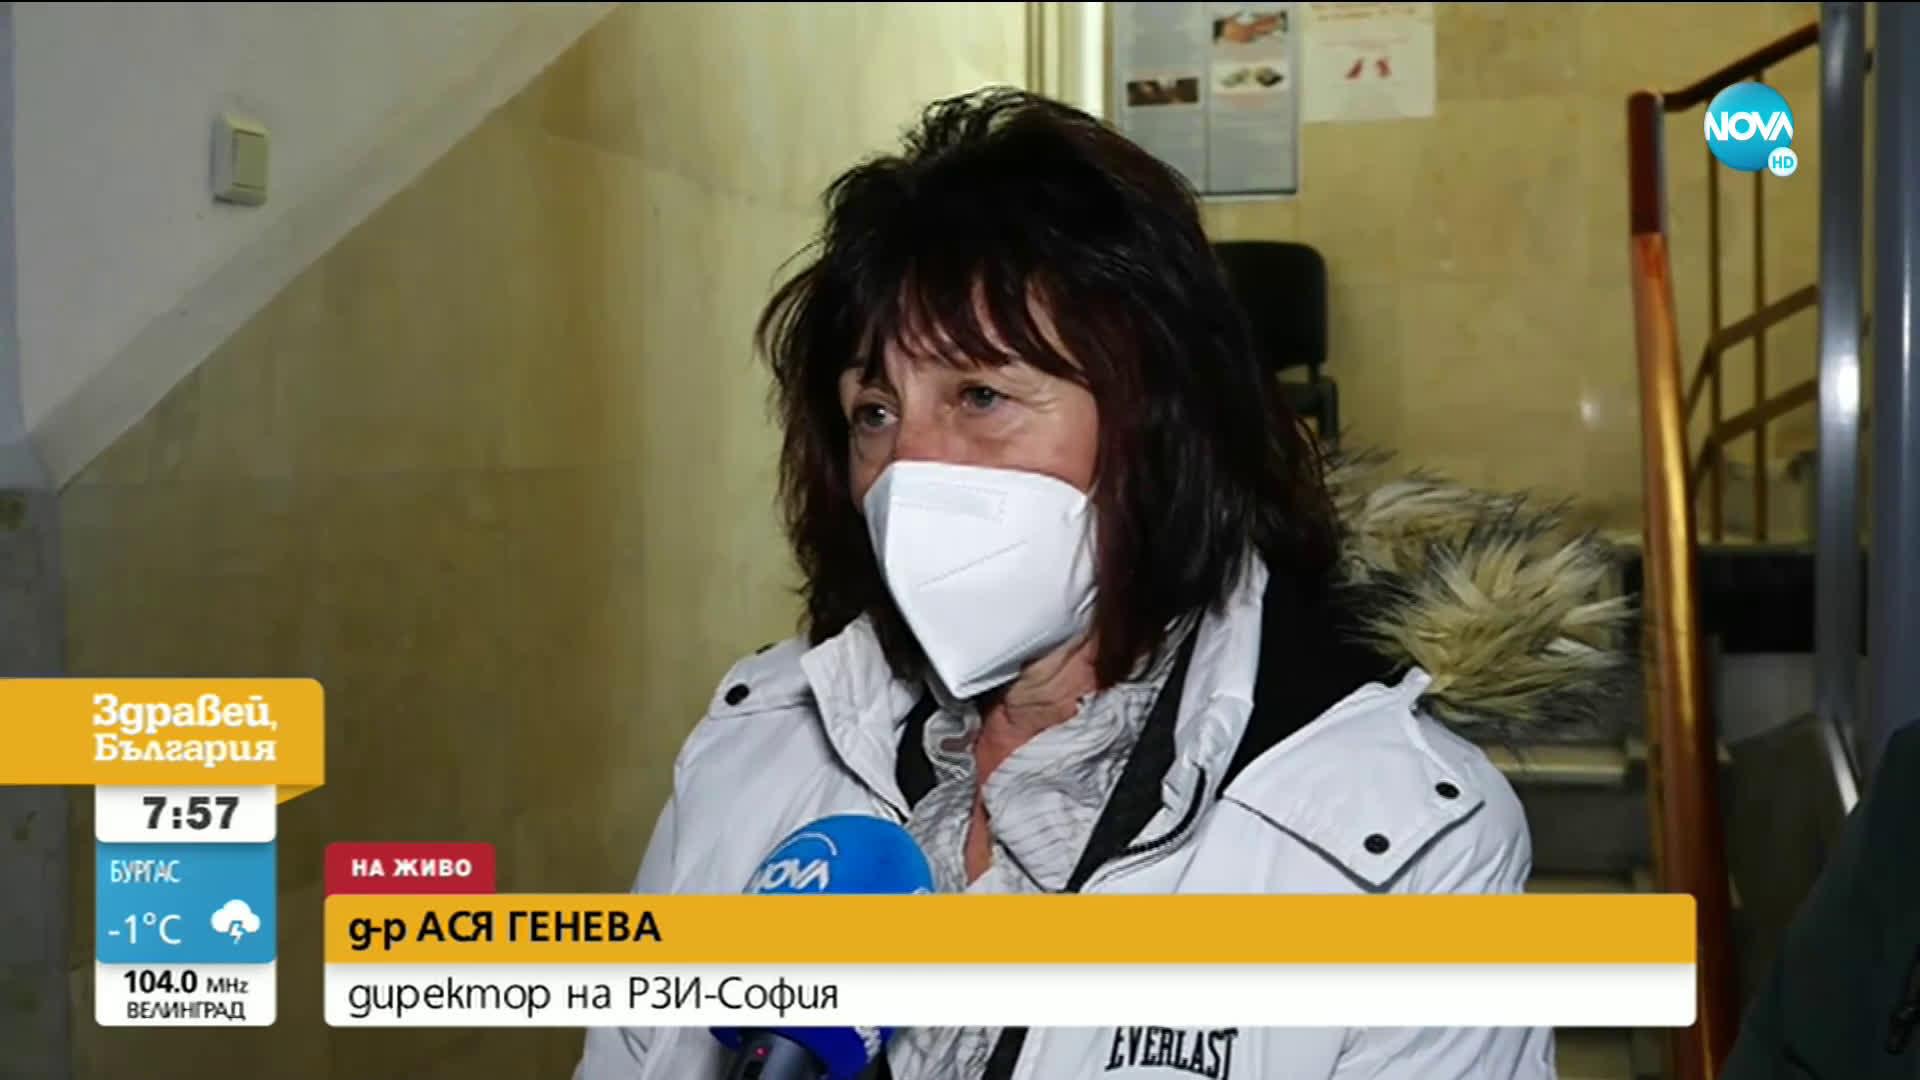 Разпространиха фалшива новина за учителка, починала след ваксиниране